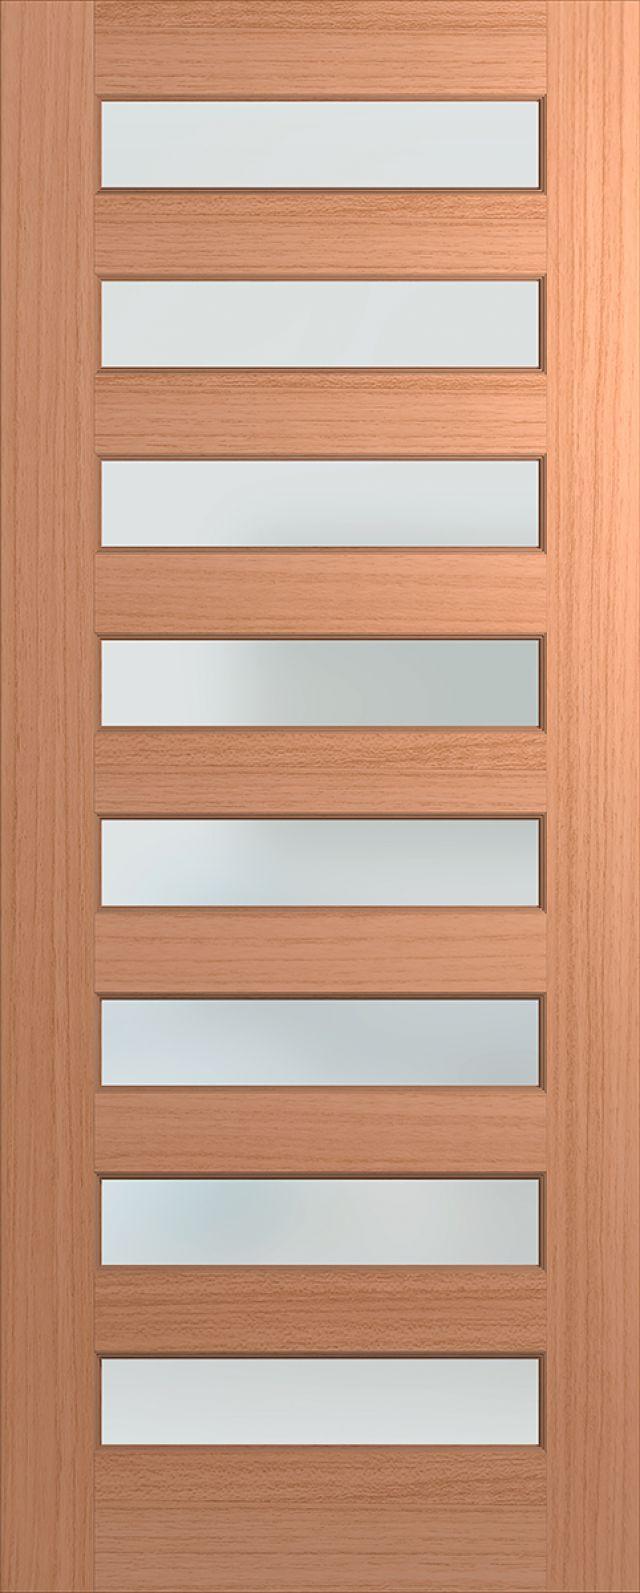 XS28-820. Savoy 820. Customise your door  sc 1 st  Hume Doors & XS28-820 | Savoy 820 | Hume Doors